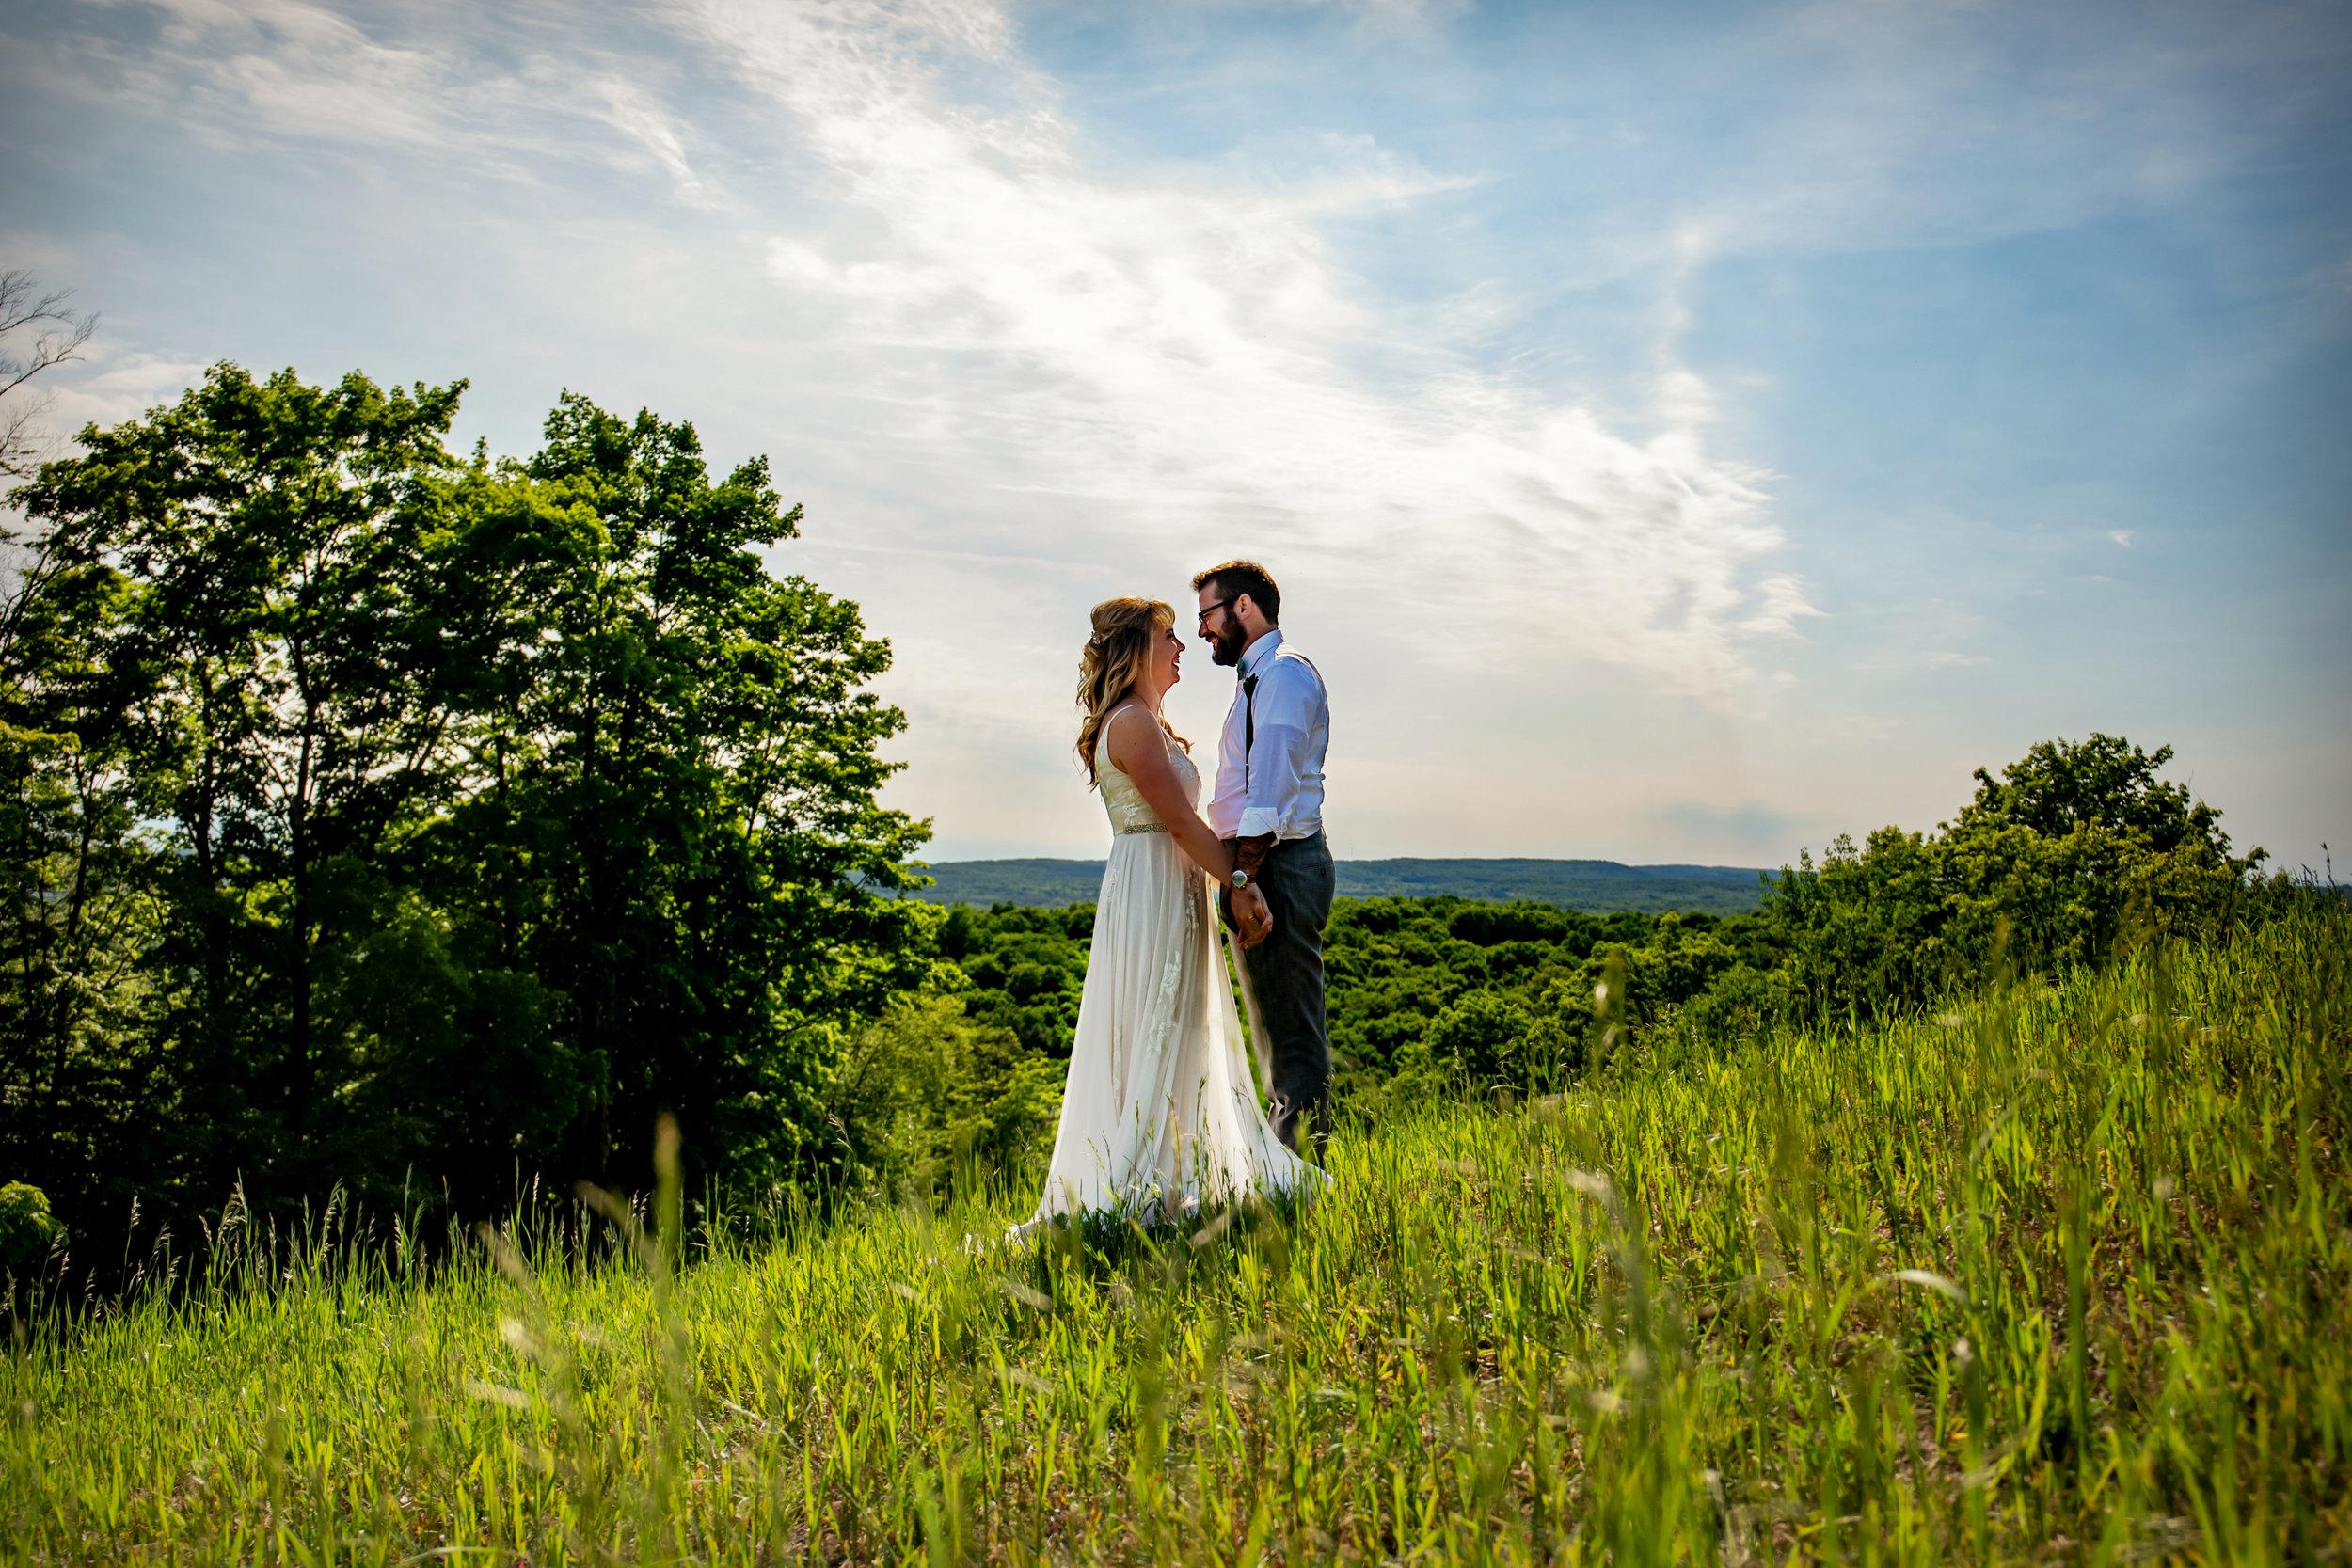 Decker Wedding 6.15.2019 Thompsonville, Michigan.